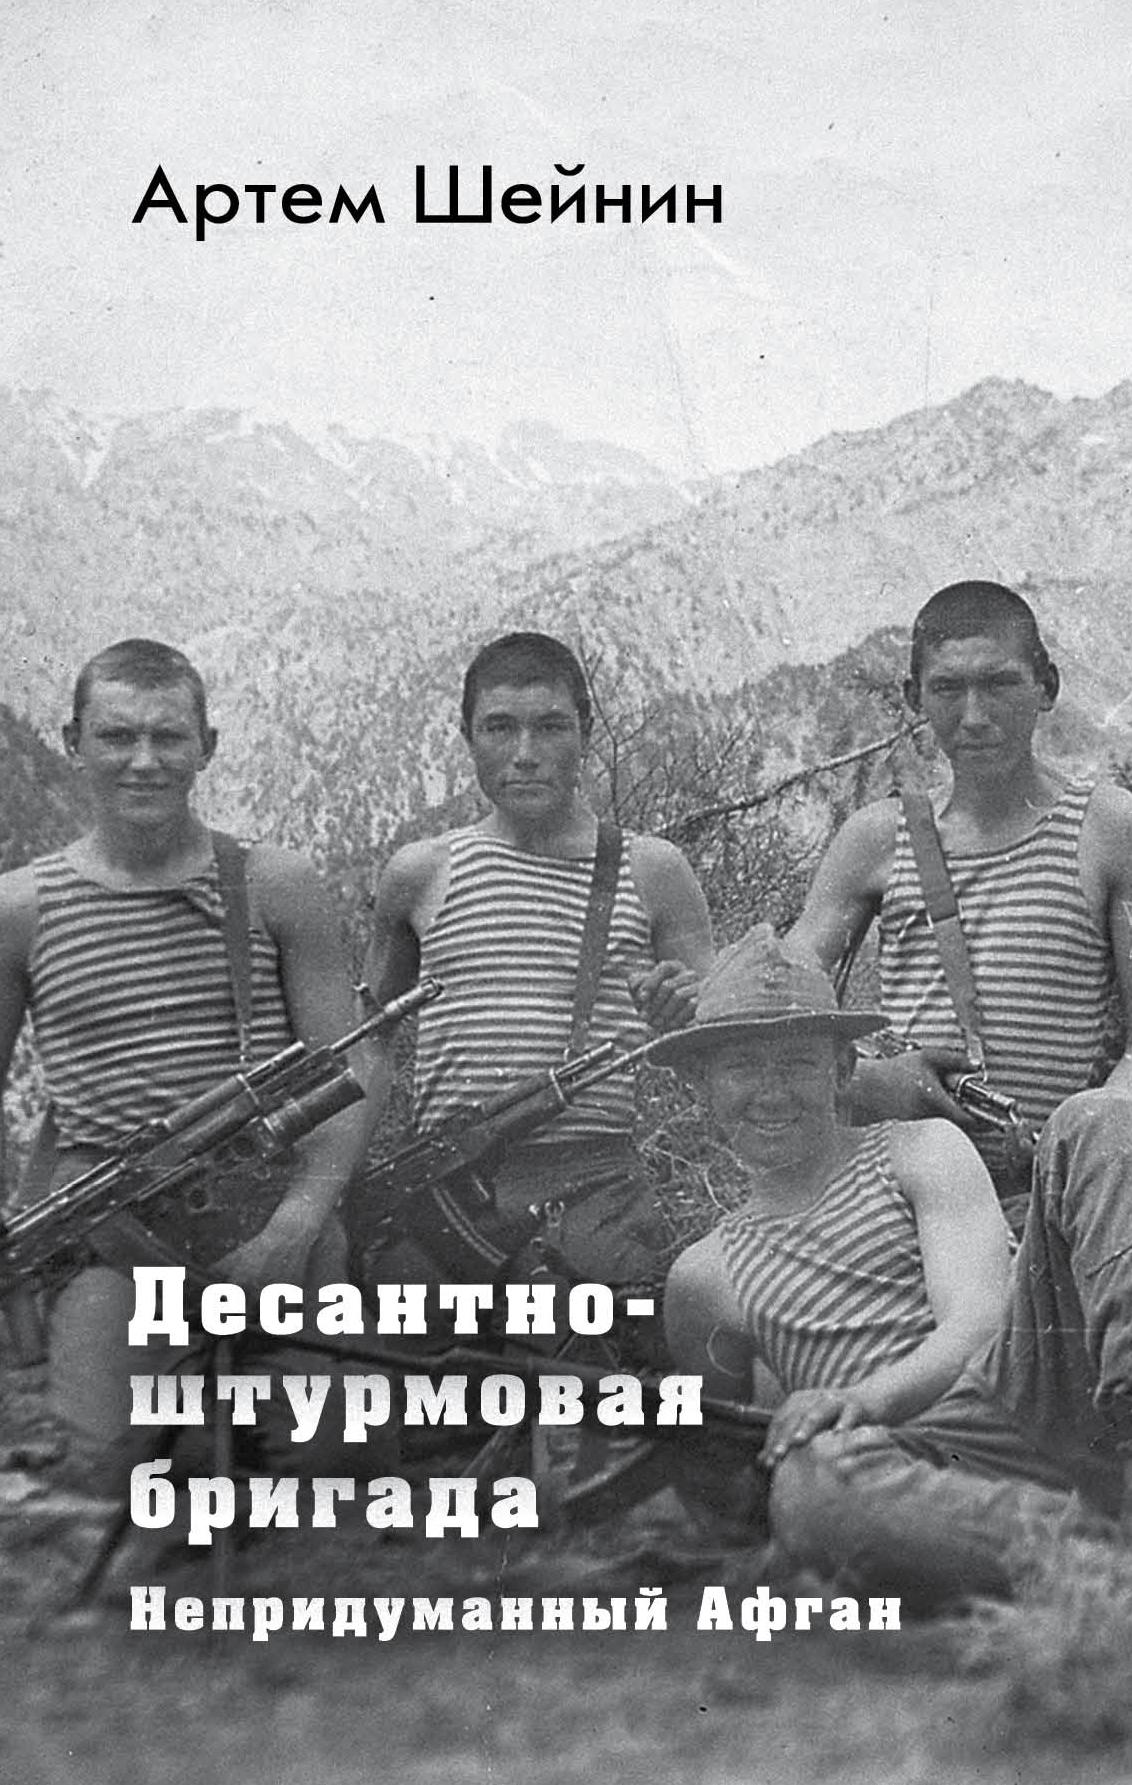 Артем Шейнин Десантно-штурмовая бригада. Непридуманный Афган